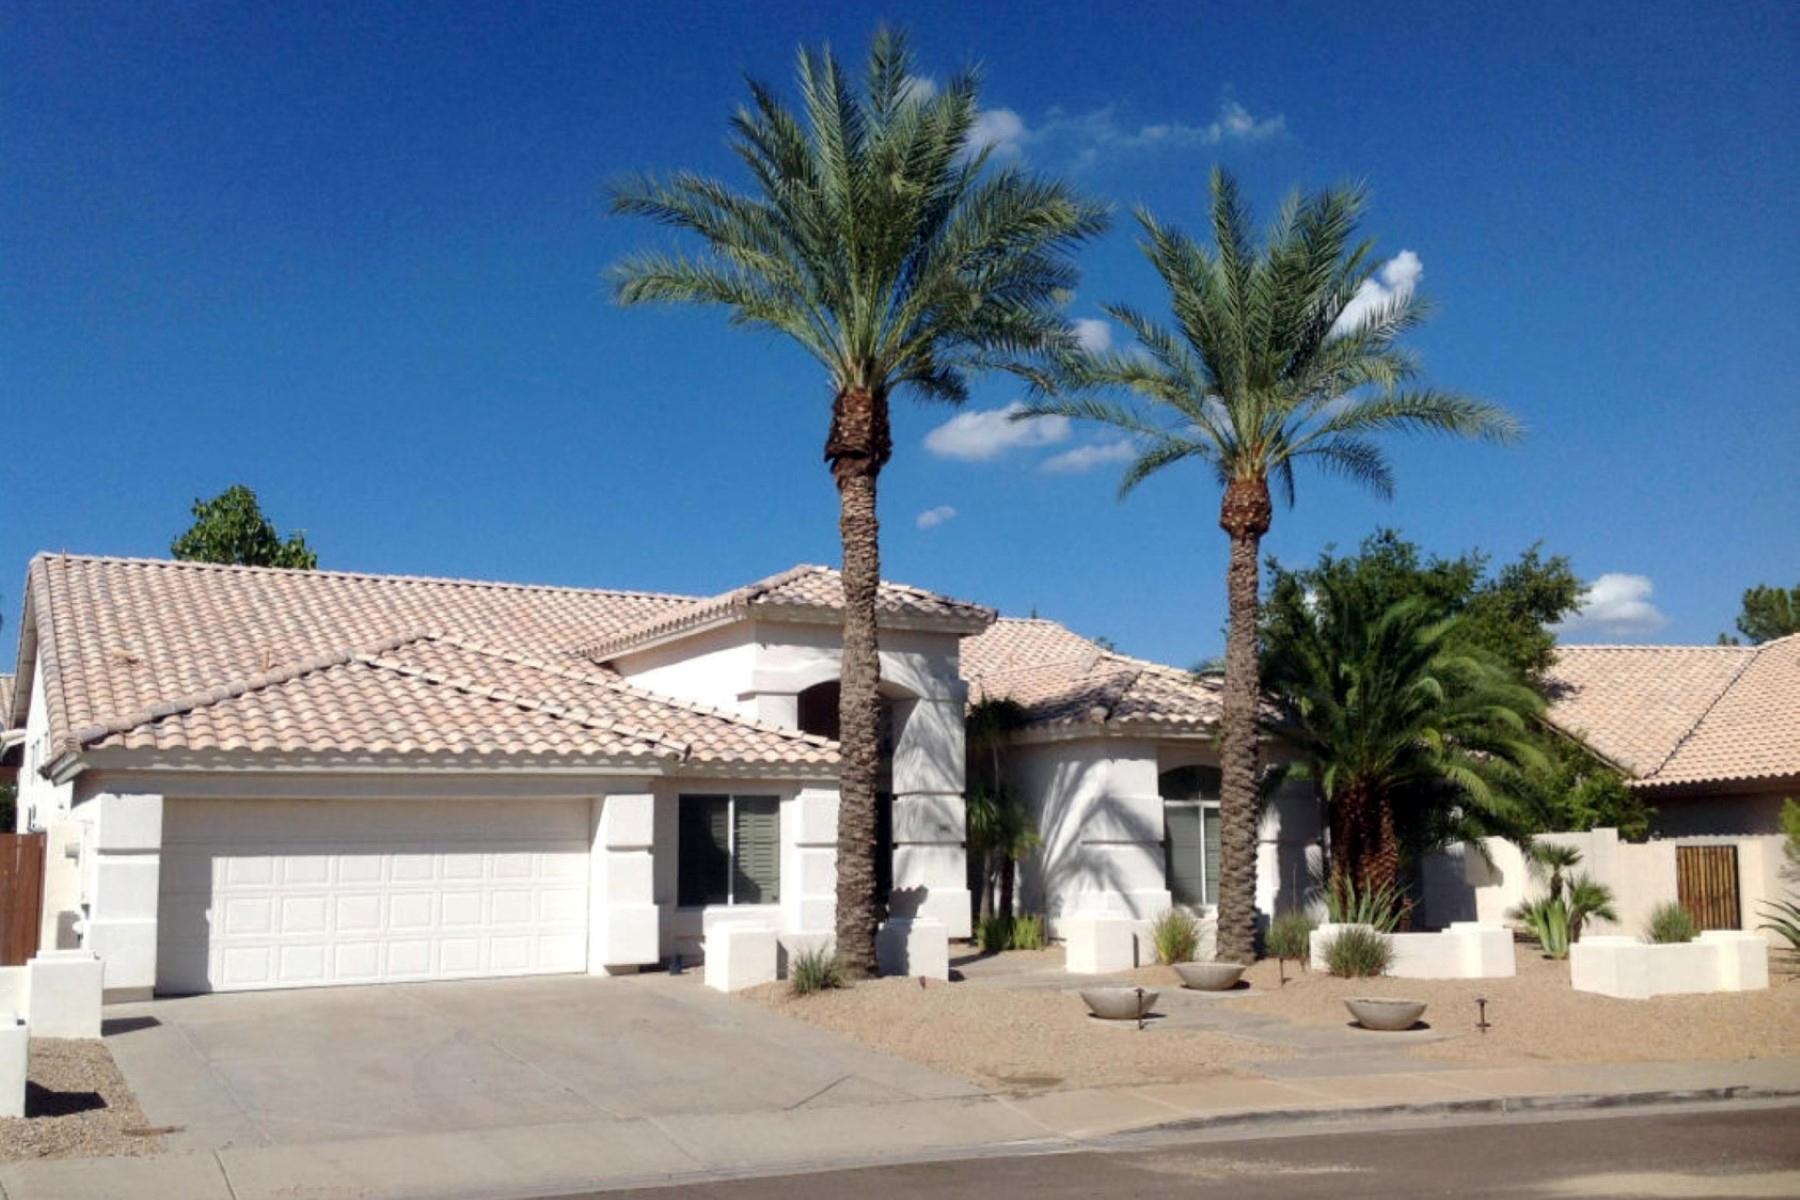 Tek Ailelik Ev için Satış at Extremely Upgraded Remodel in Mountain Park Ranch 3162 E Desert Broom Way Phoenix, Arizona 85048 Amerika Birleşik Devletleri